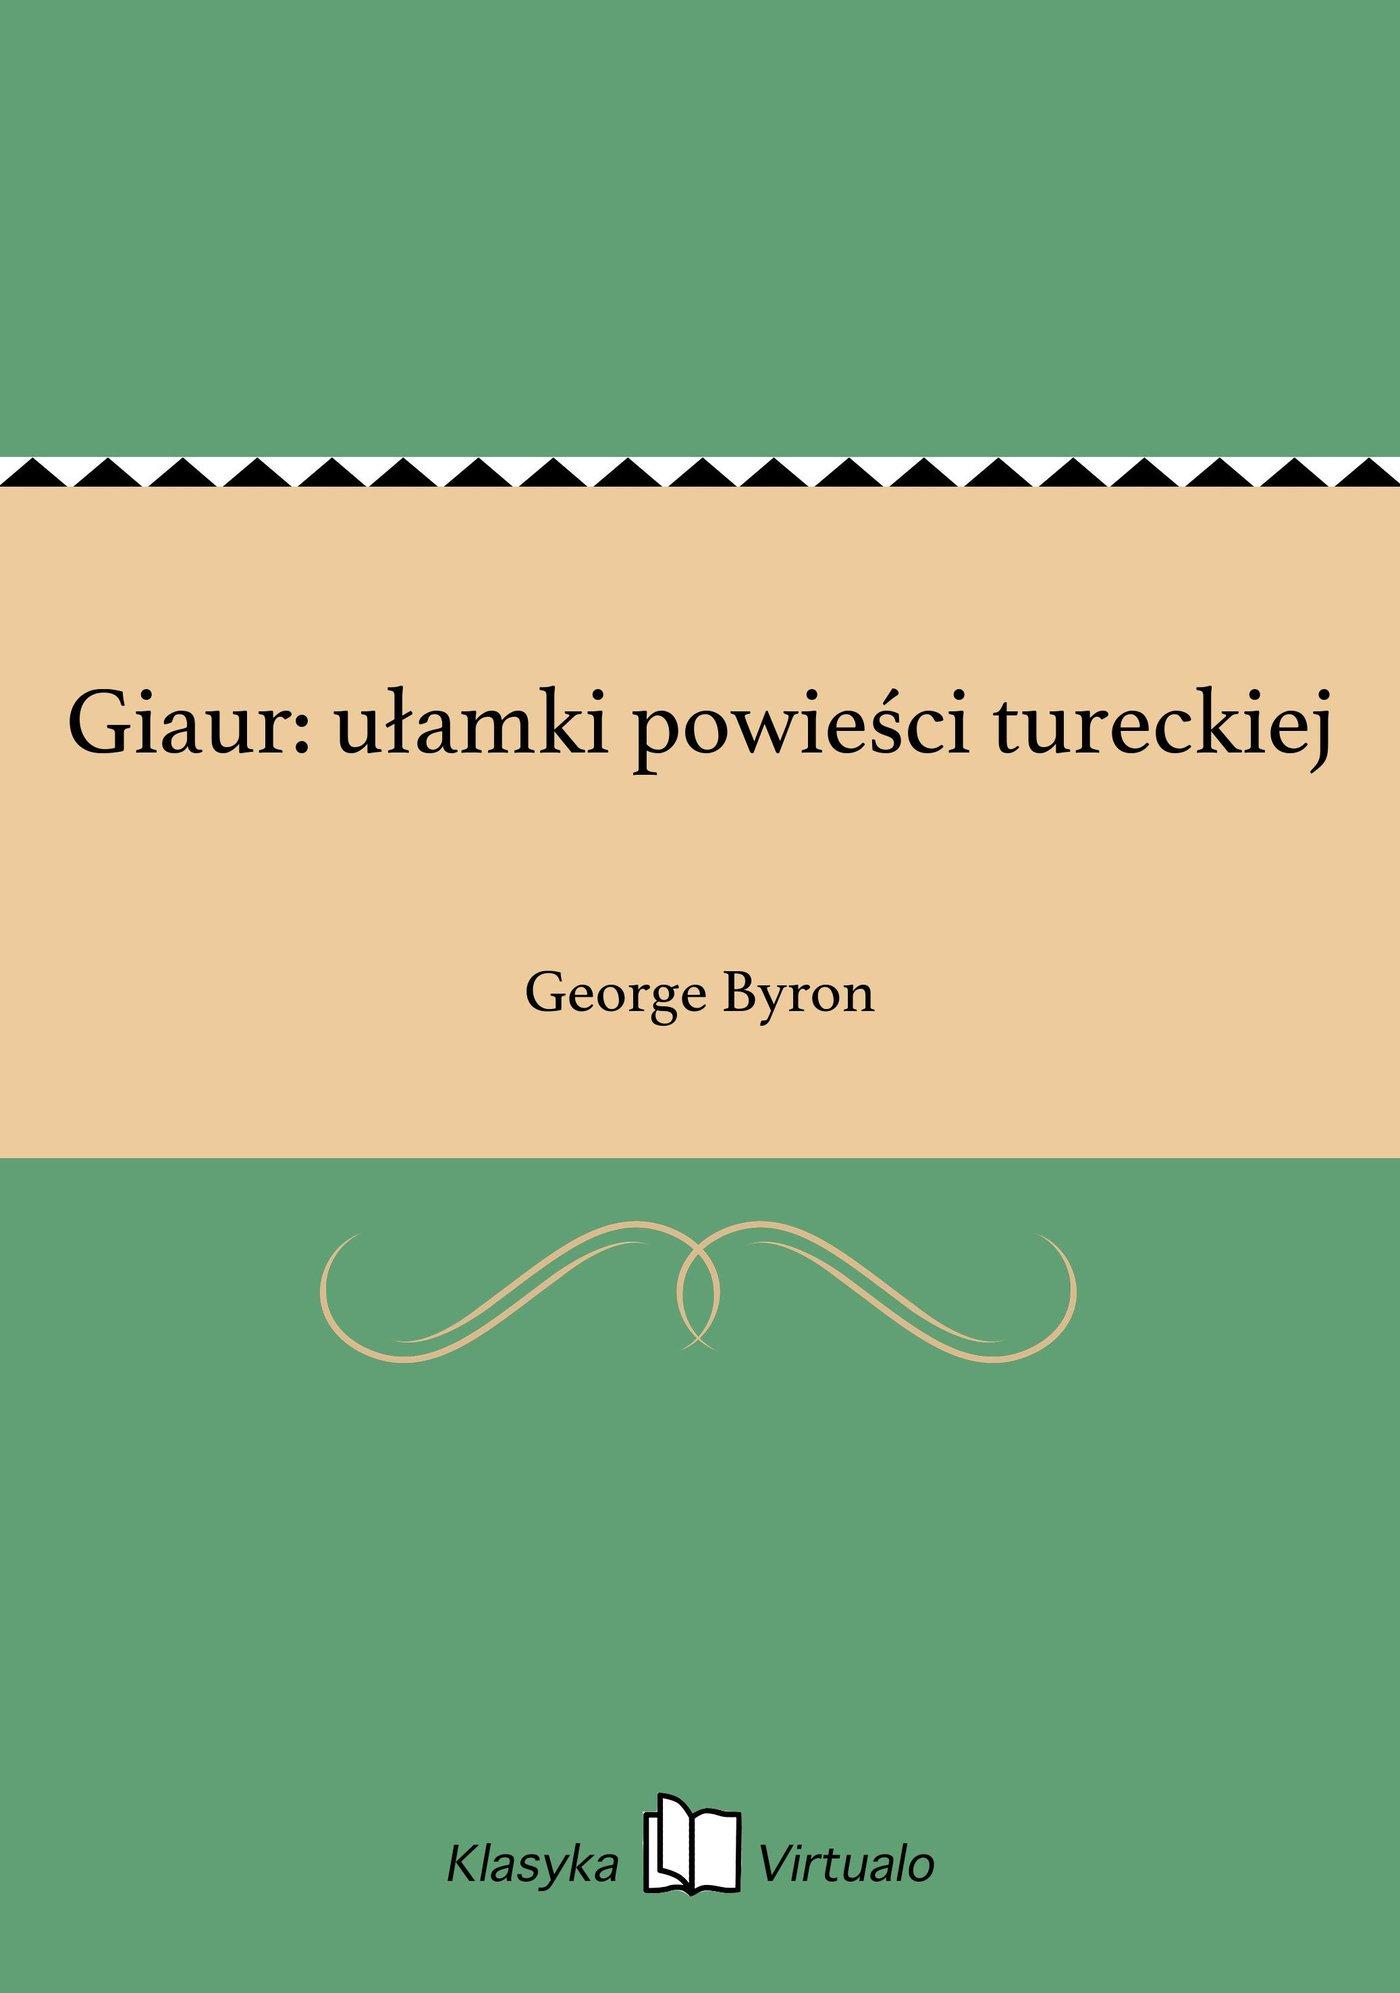 Giaur: ułamki powieści tureckiej - Ebook (Książka EPUB) do pobrania w formacie EPUB